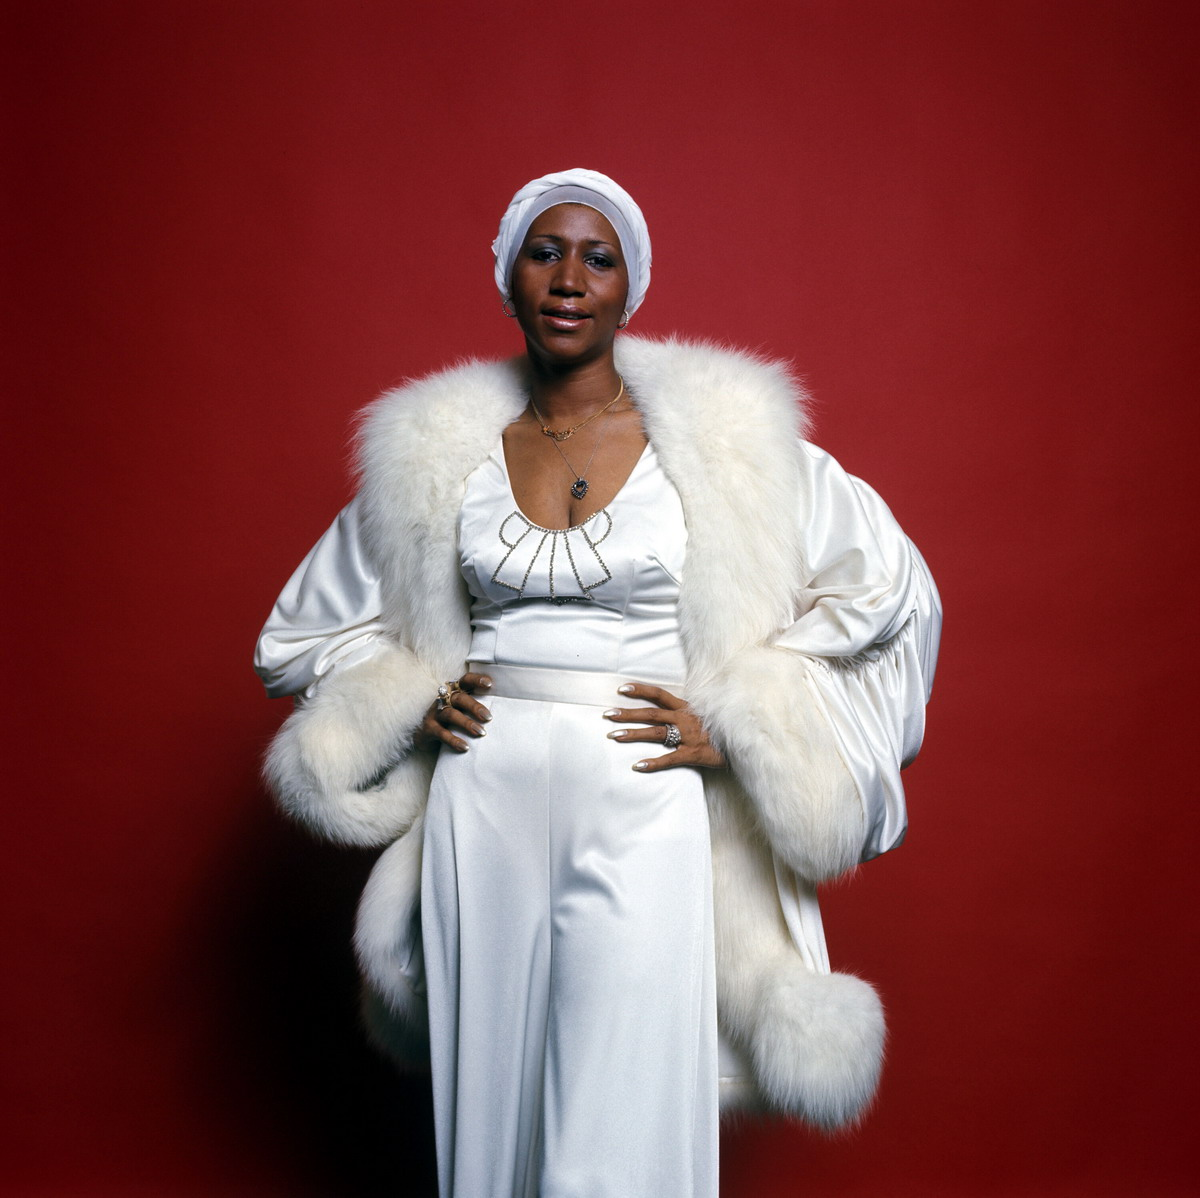 Aretha Louise Franklin Memphis 25 de março de 1942 Detroit 16 de agosto de 2018 foi uma cantora e compositora estadunidense de gospel RampB e soul que virou